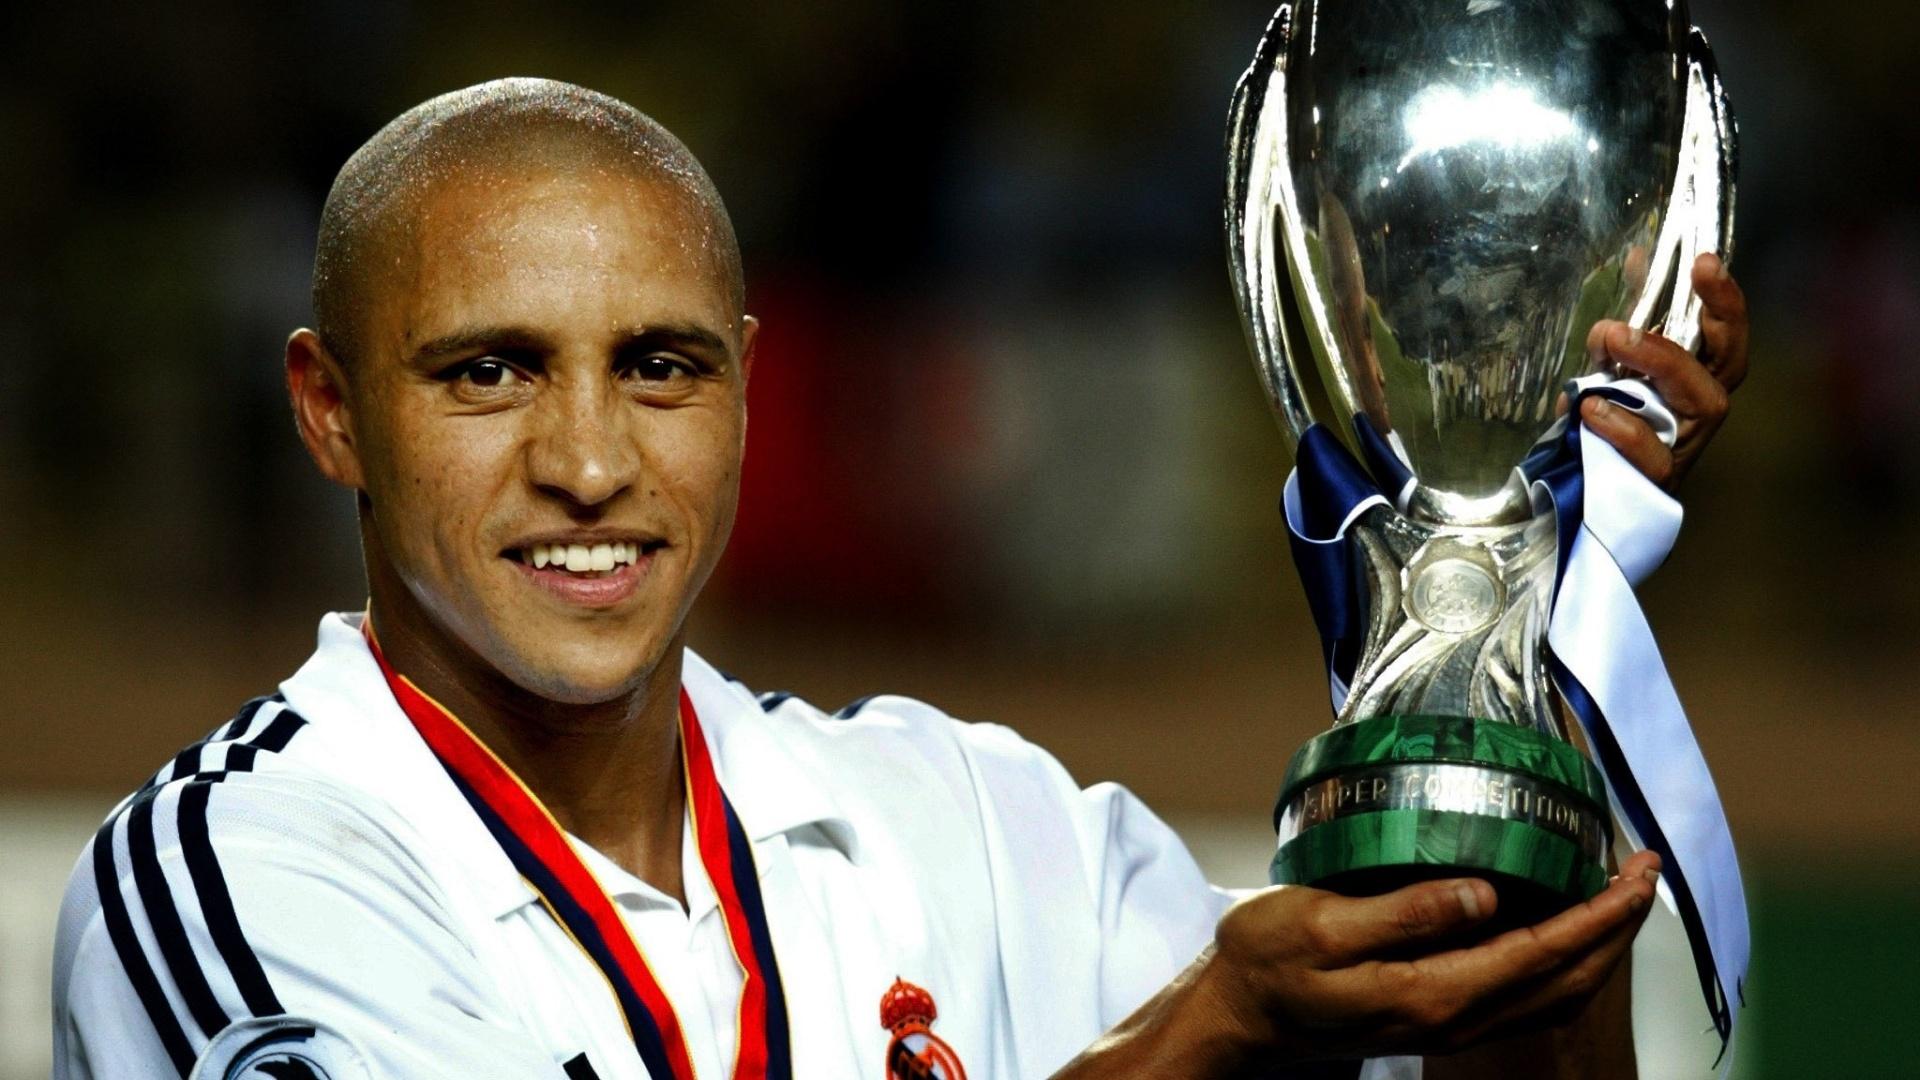 Roberto Carlos, lateral do Real Madrid, segura troféu da Supercopa da Europa, conquistado contra o Feyenoord em 2002.